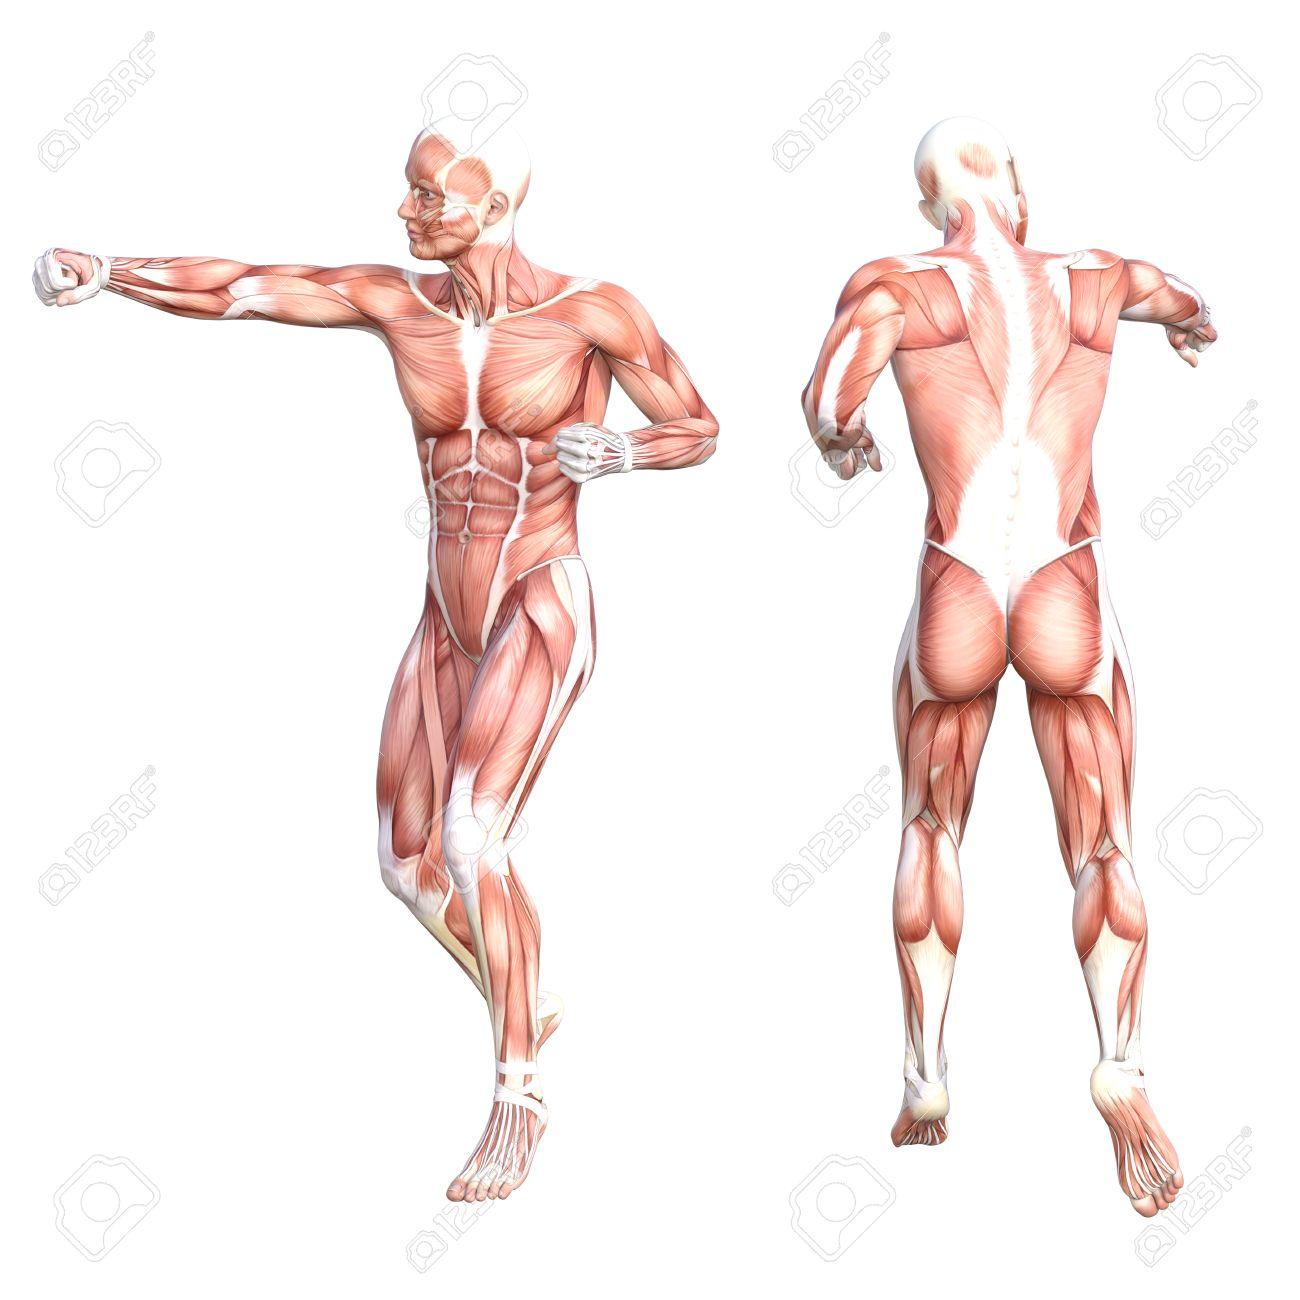 Nett Interaktives Muskelsystem Zeitgenössisch - Menschliche Anatomie ...